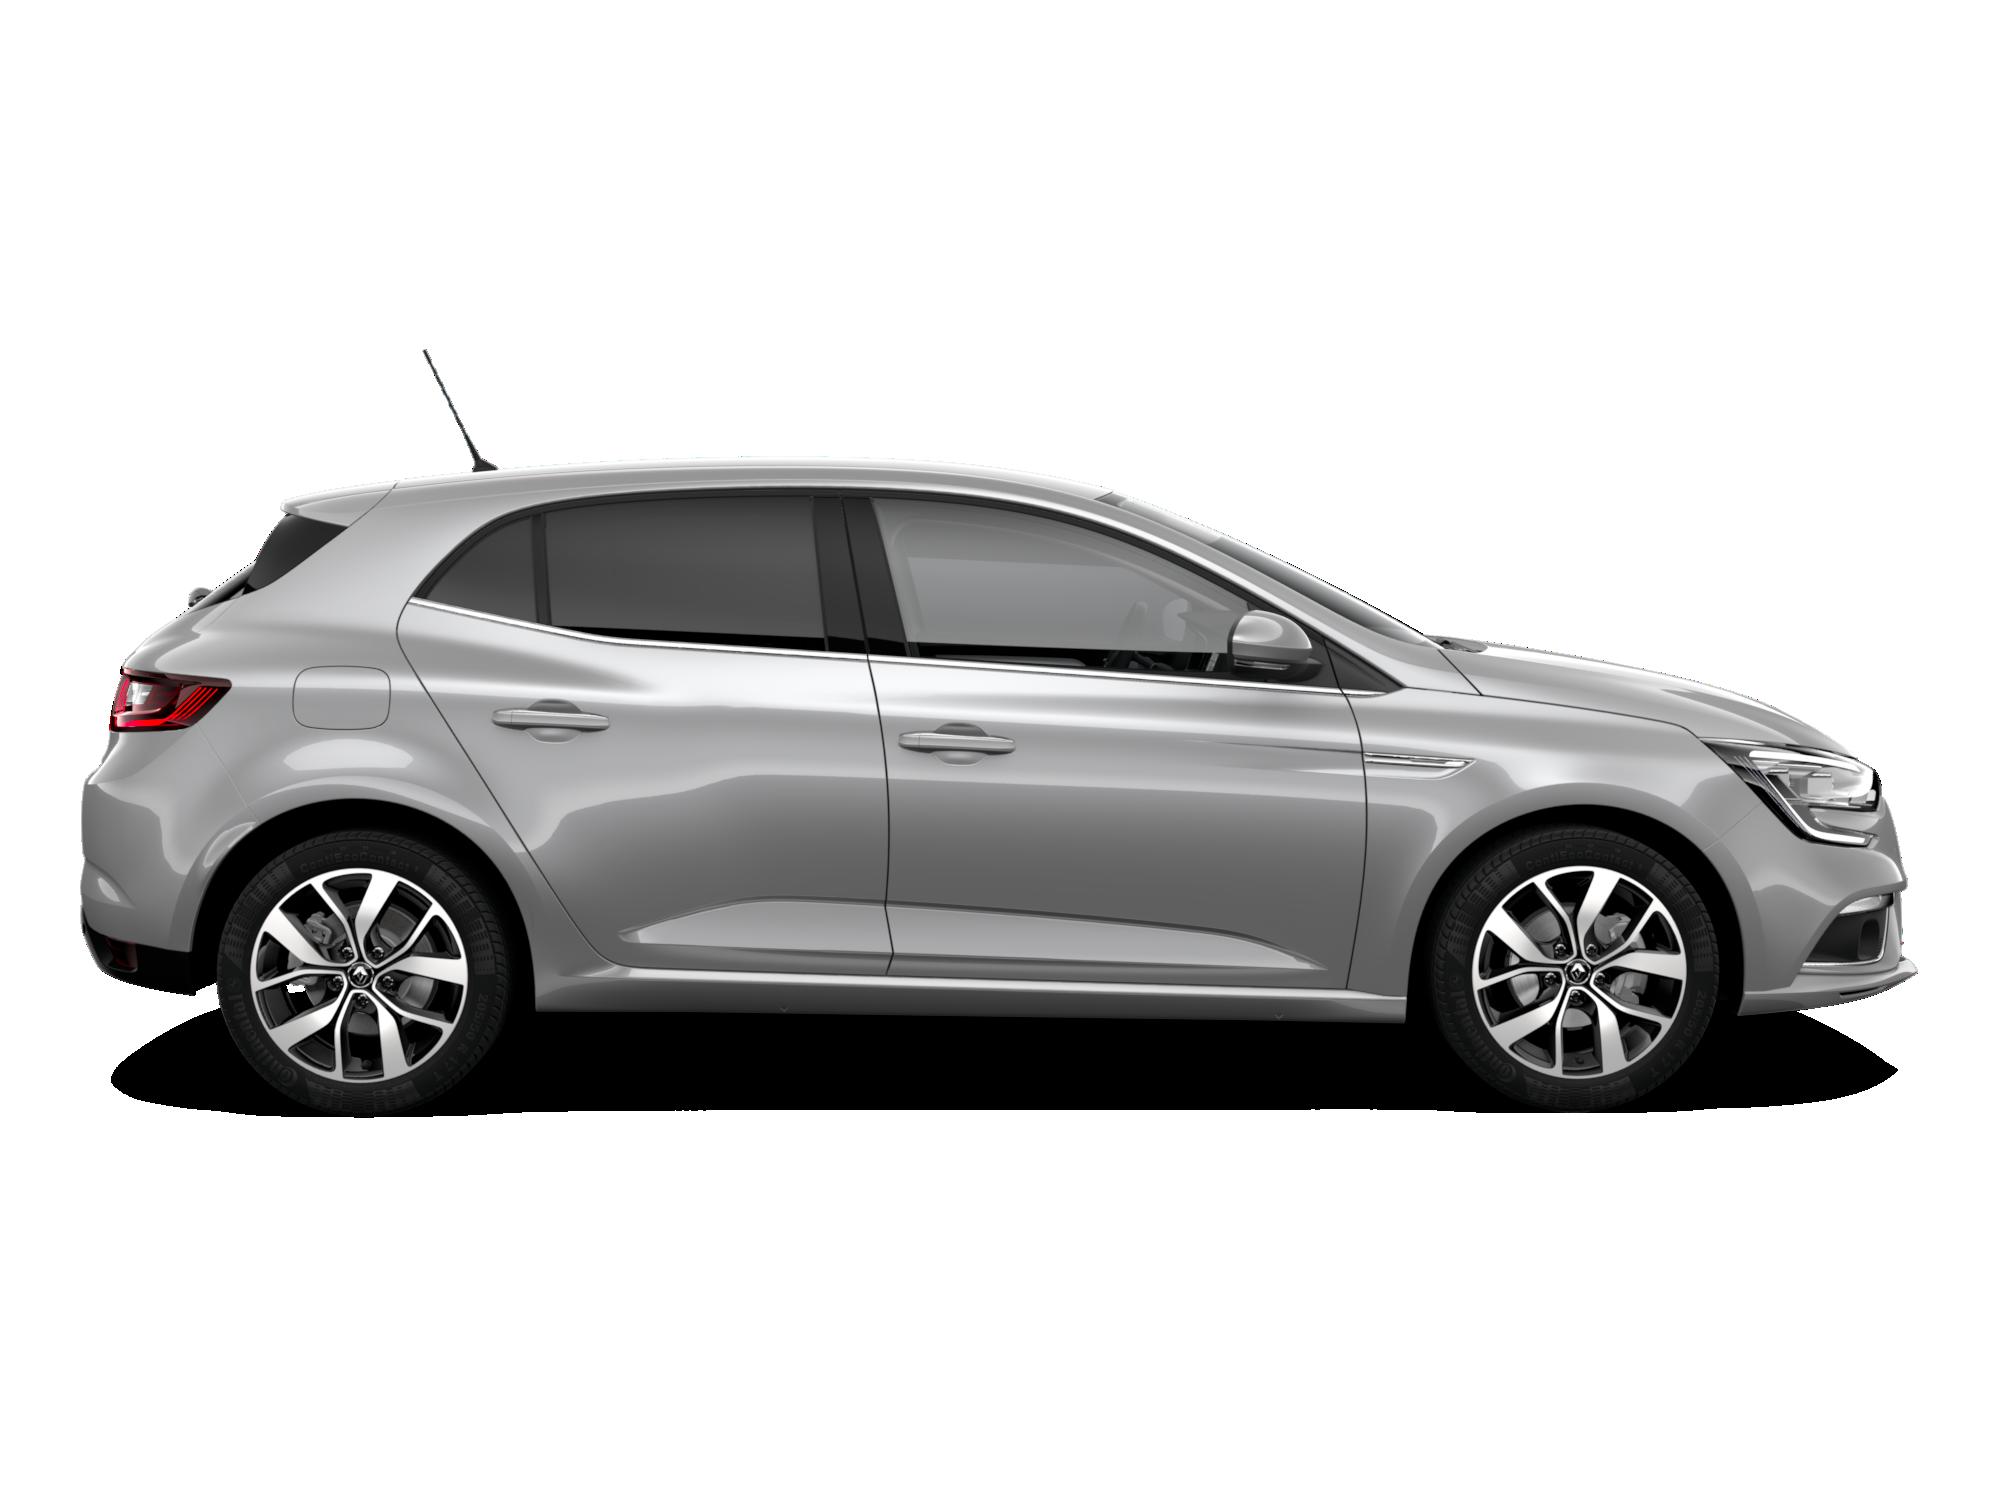 MEGANE Hatchback